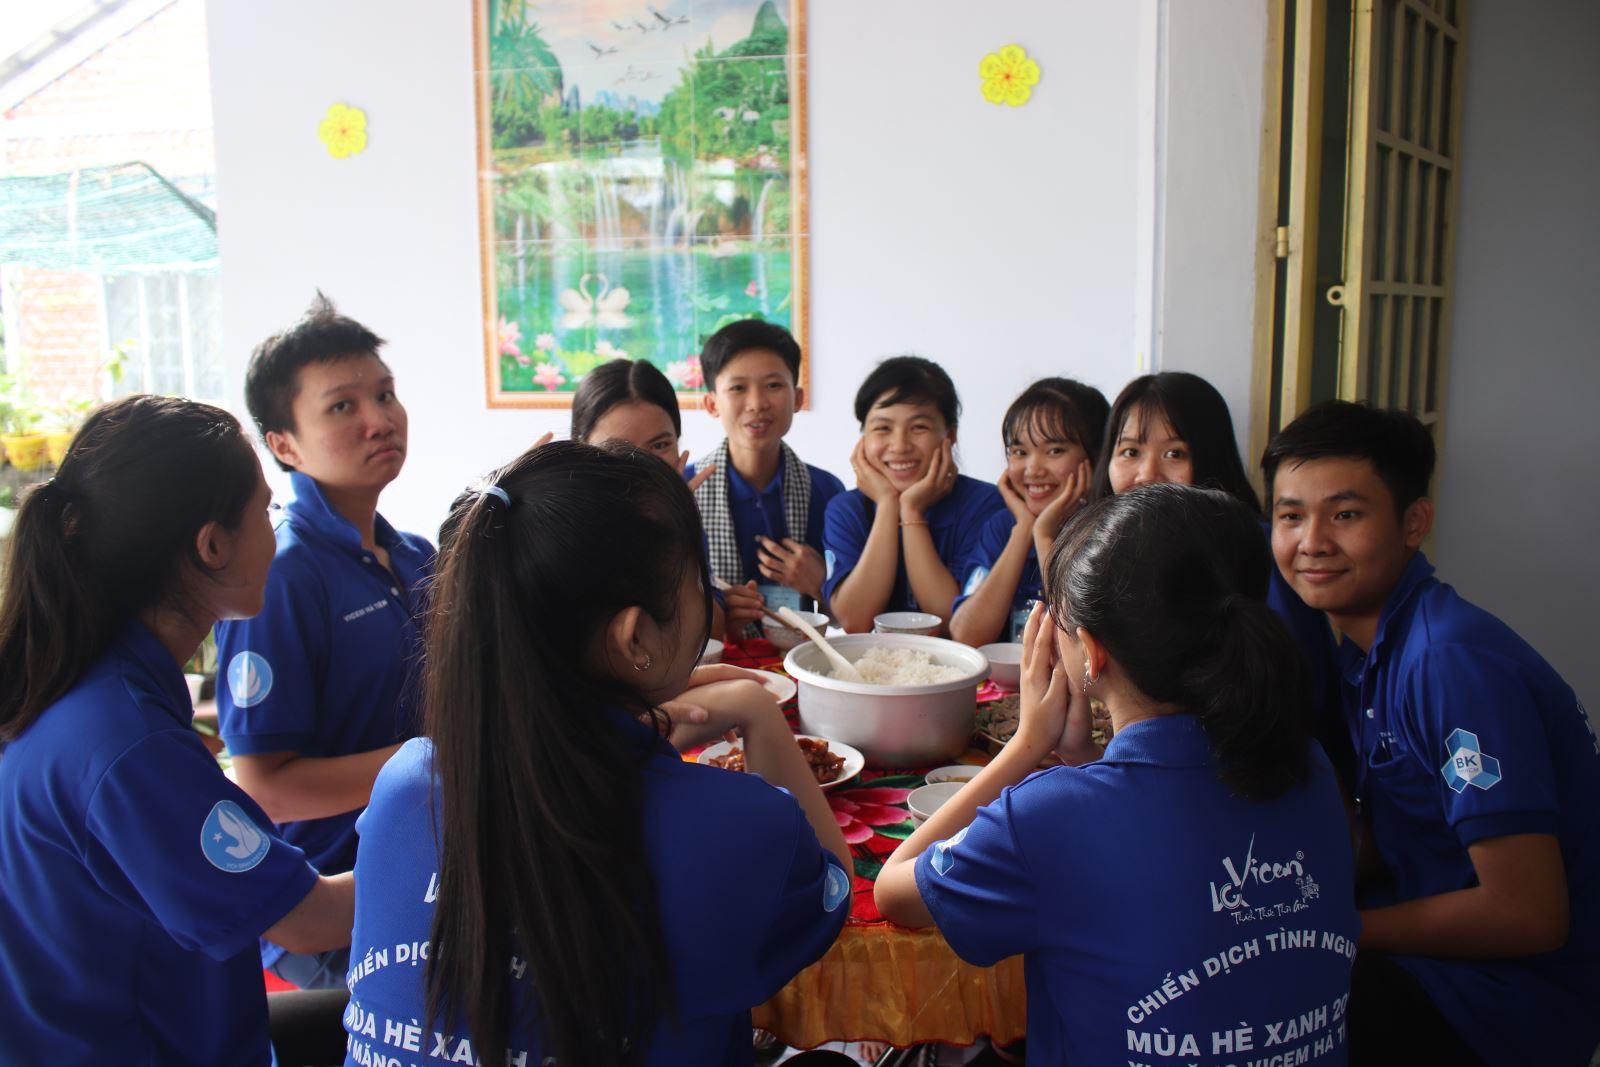 Sinh viên Phân hiệu ĐHQG-HCM tại tỉnh Bến Tre ra quân Chiến dịch tình nguyện Mùa hè xanh năm 2018